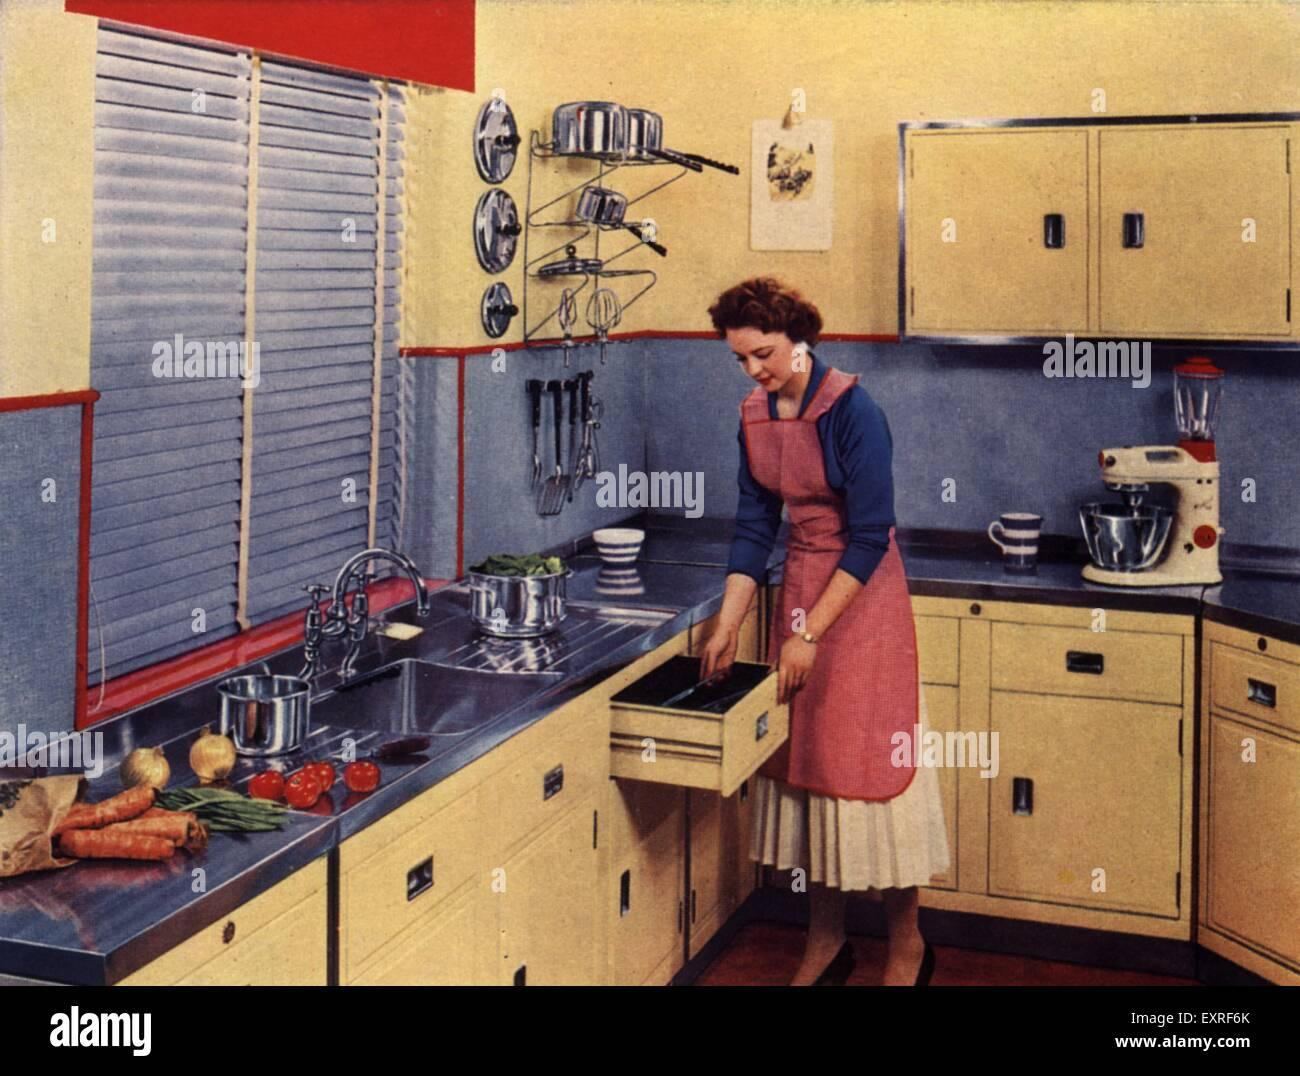 1950er Jahre UK Küchen Magazin Anzeige Stockfoto, Bild: 85339371 - Alamy